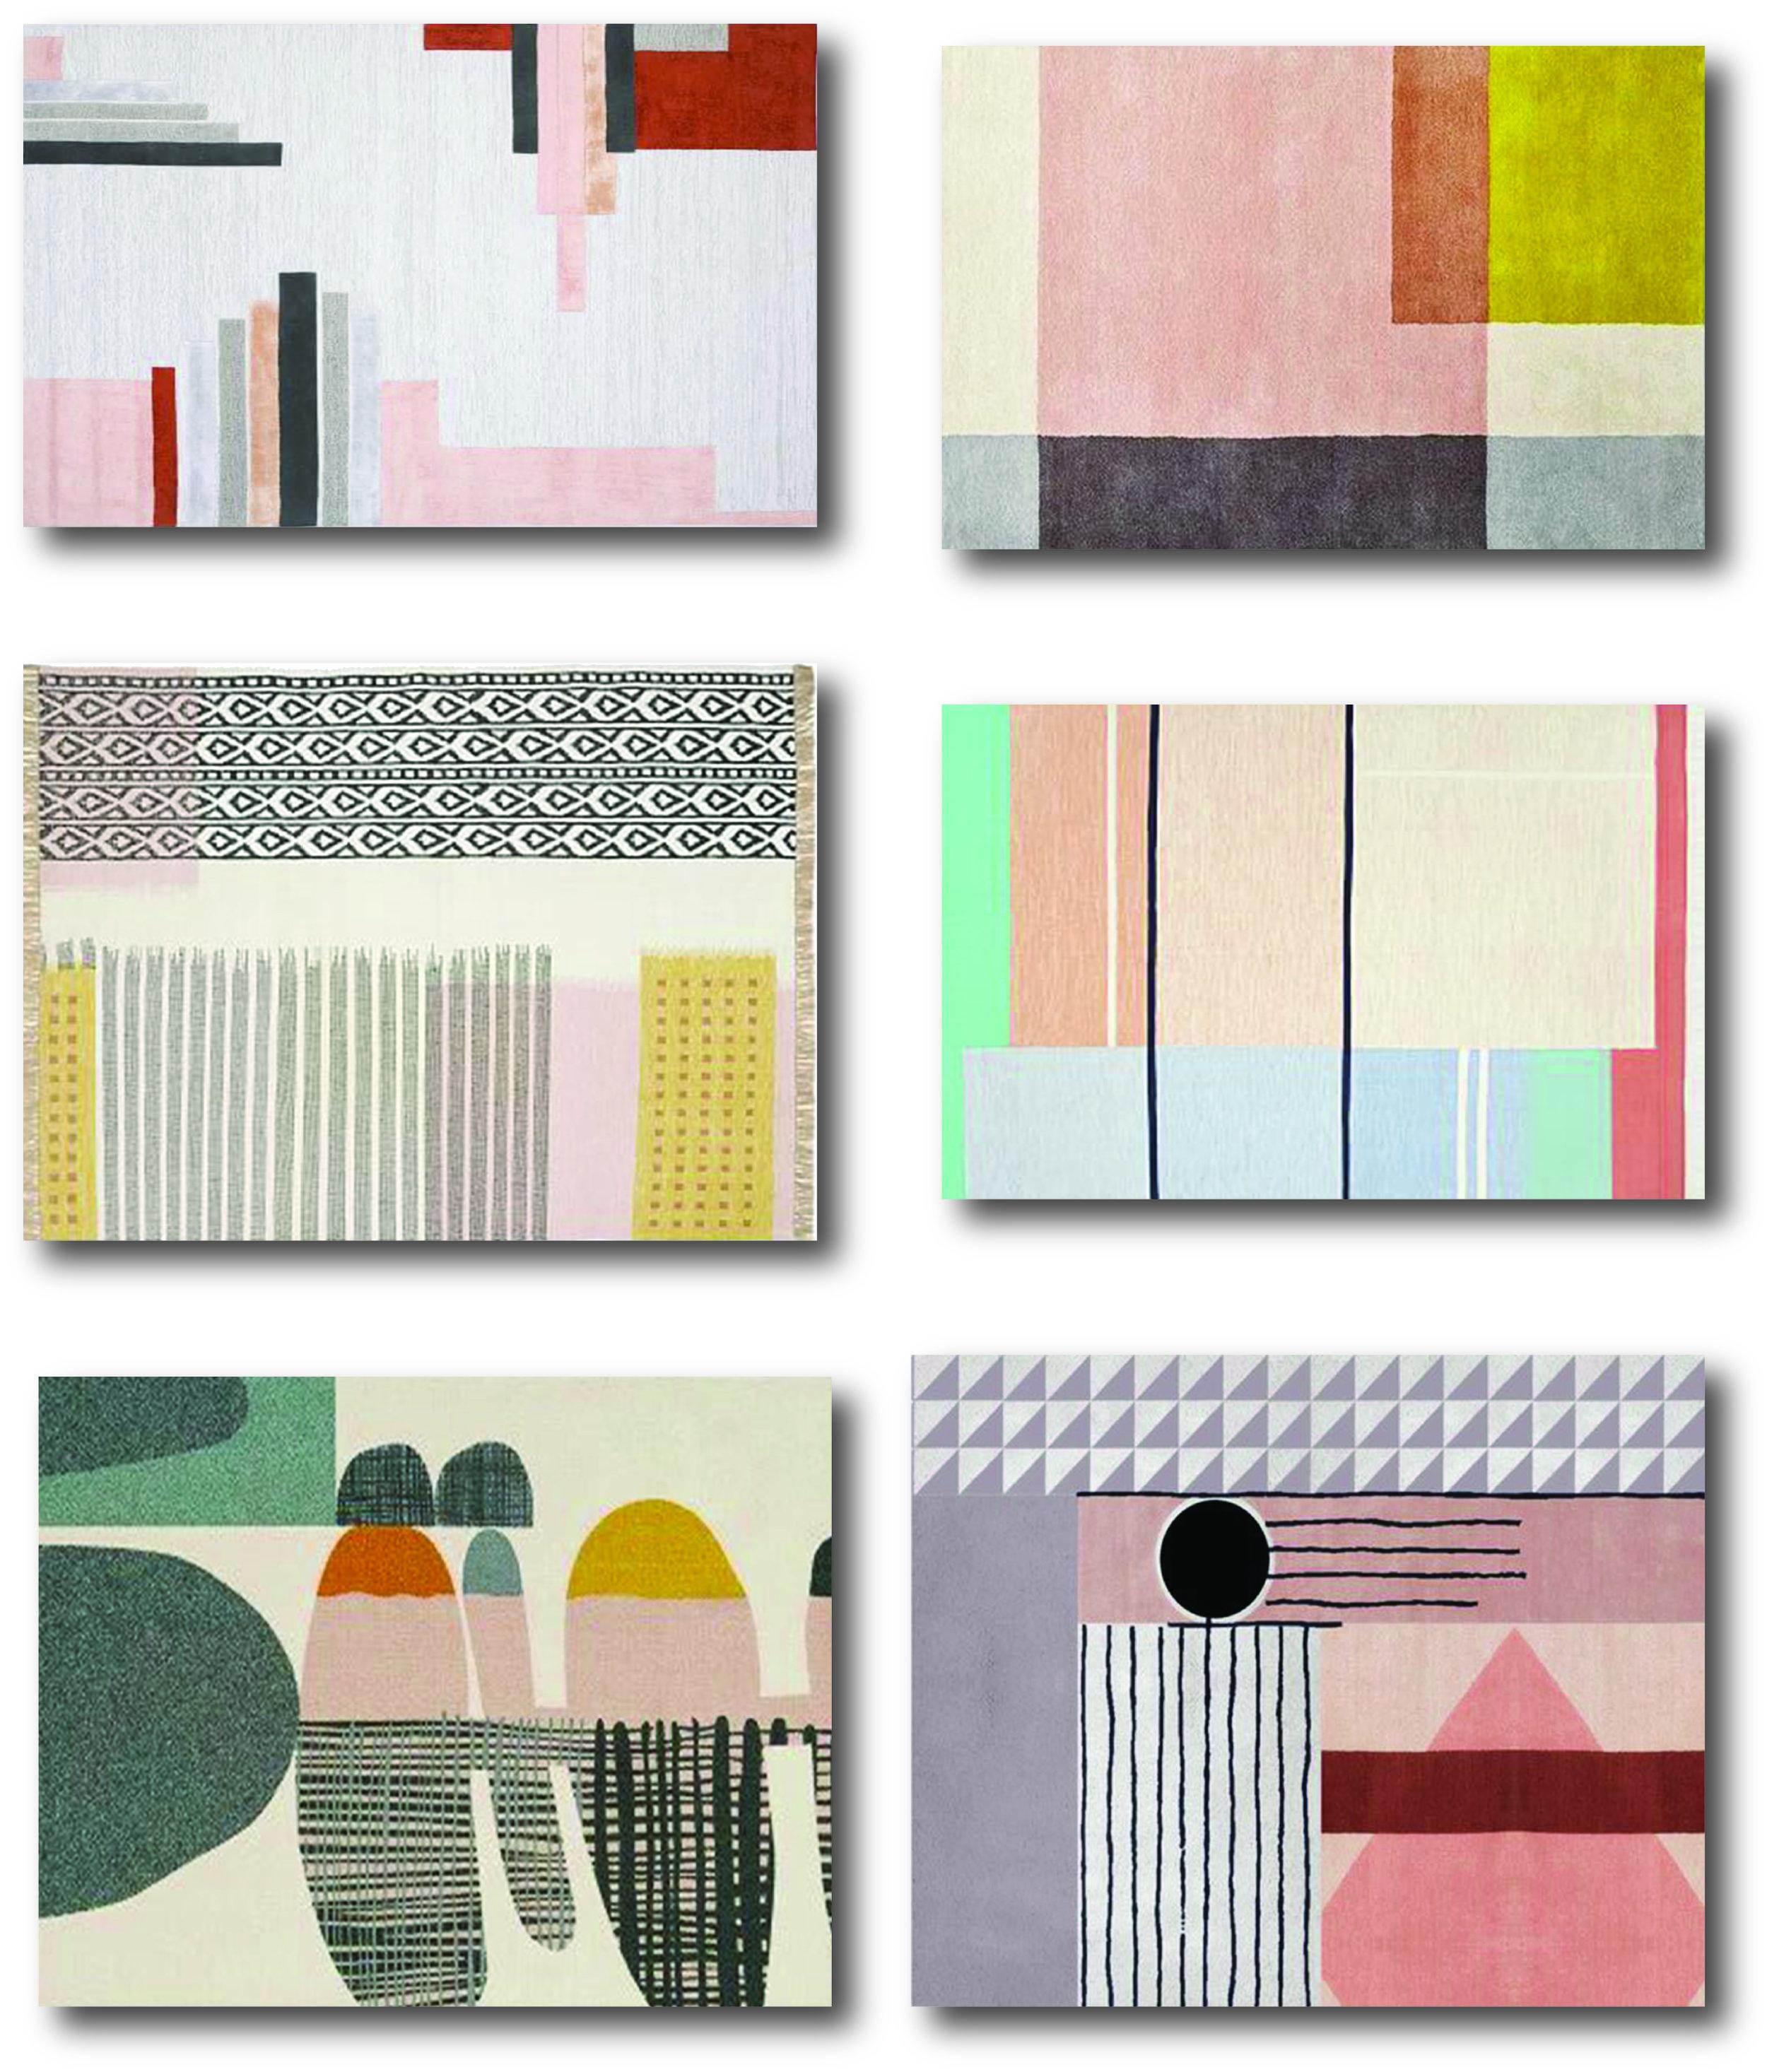 Modern Rugs for a Girl's Room.jpg